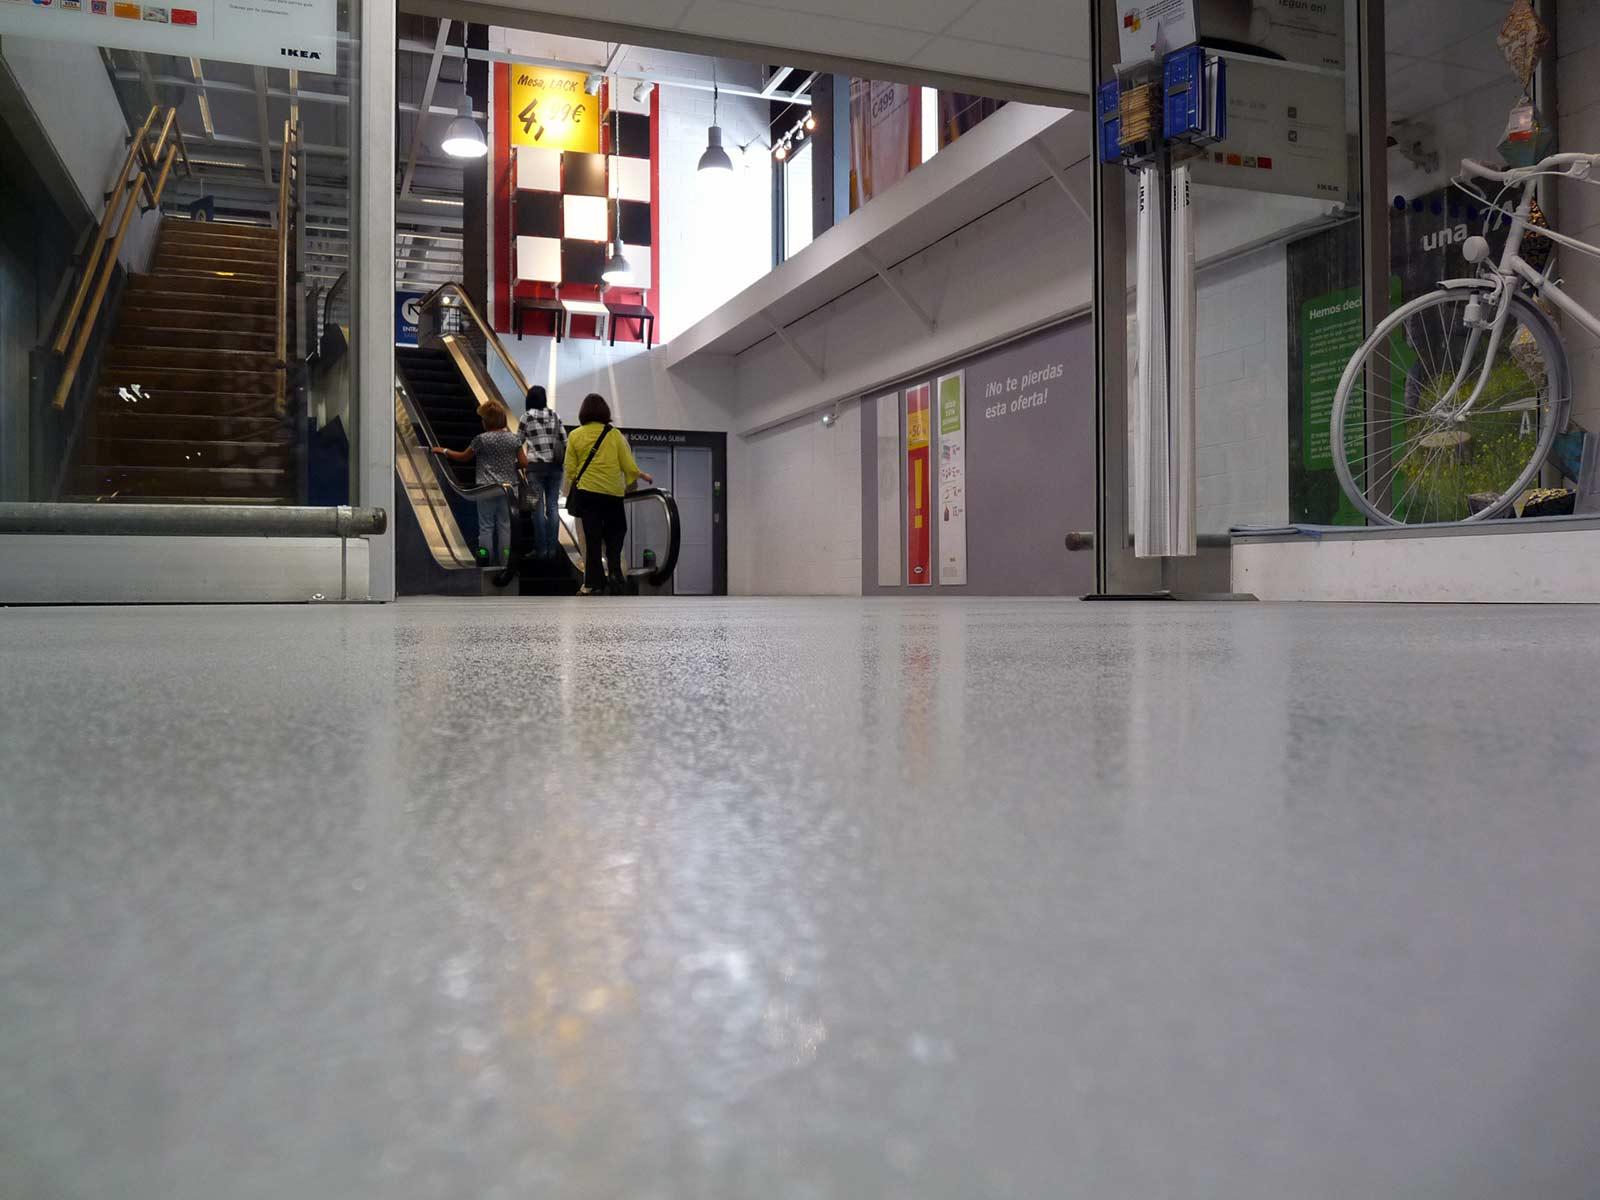 pavimento decorativo en León, Salamanca, Valladolid